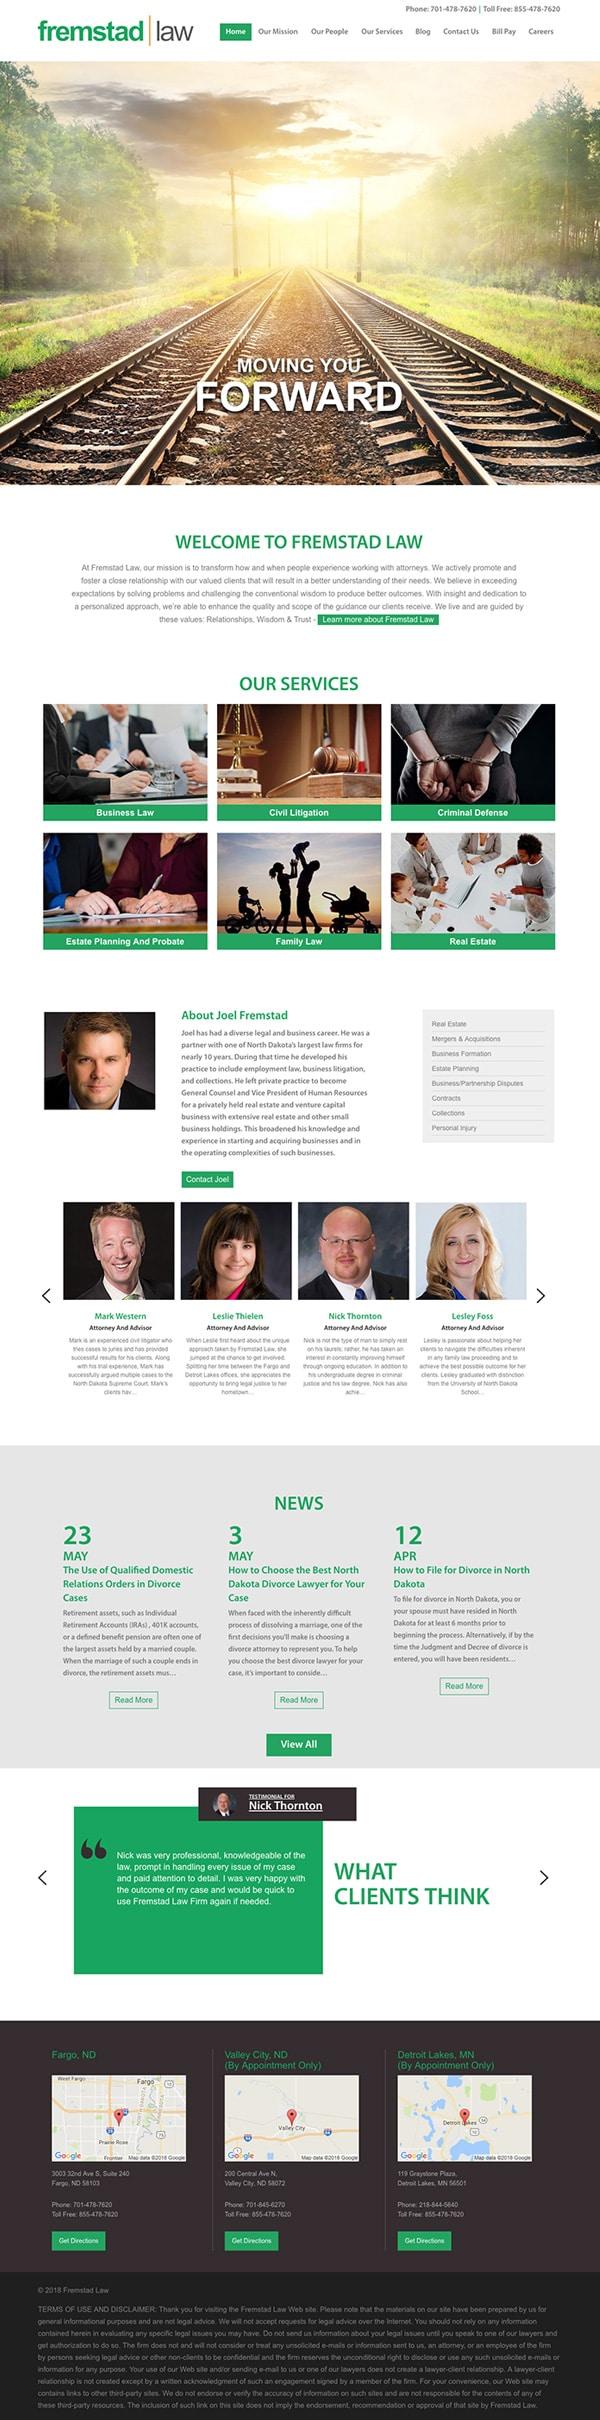 Law Firm Website Design for Fremstad Law